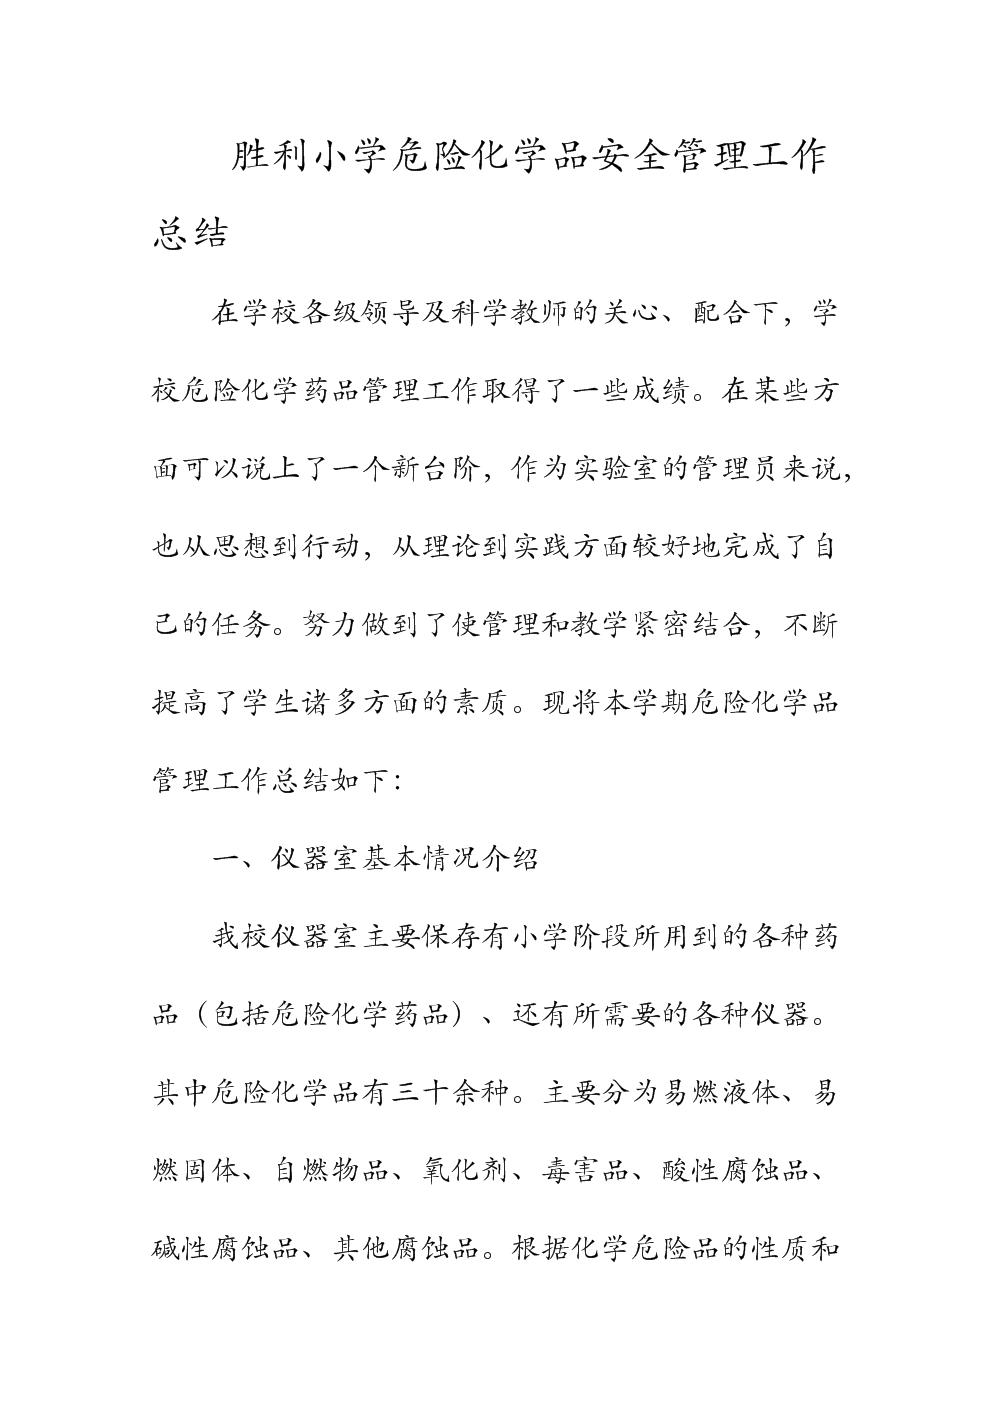 危化品安全管理总结及危化品仓库安全操作规程.doc